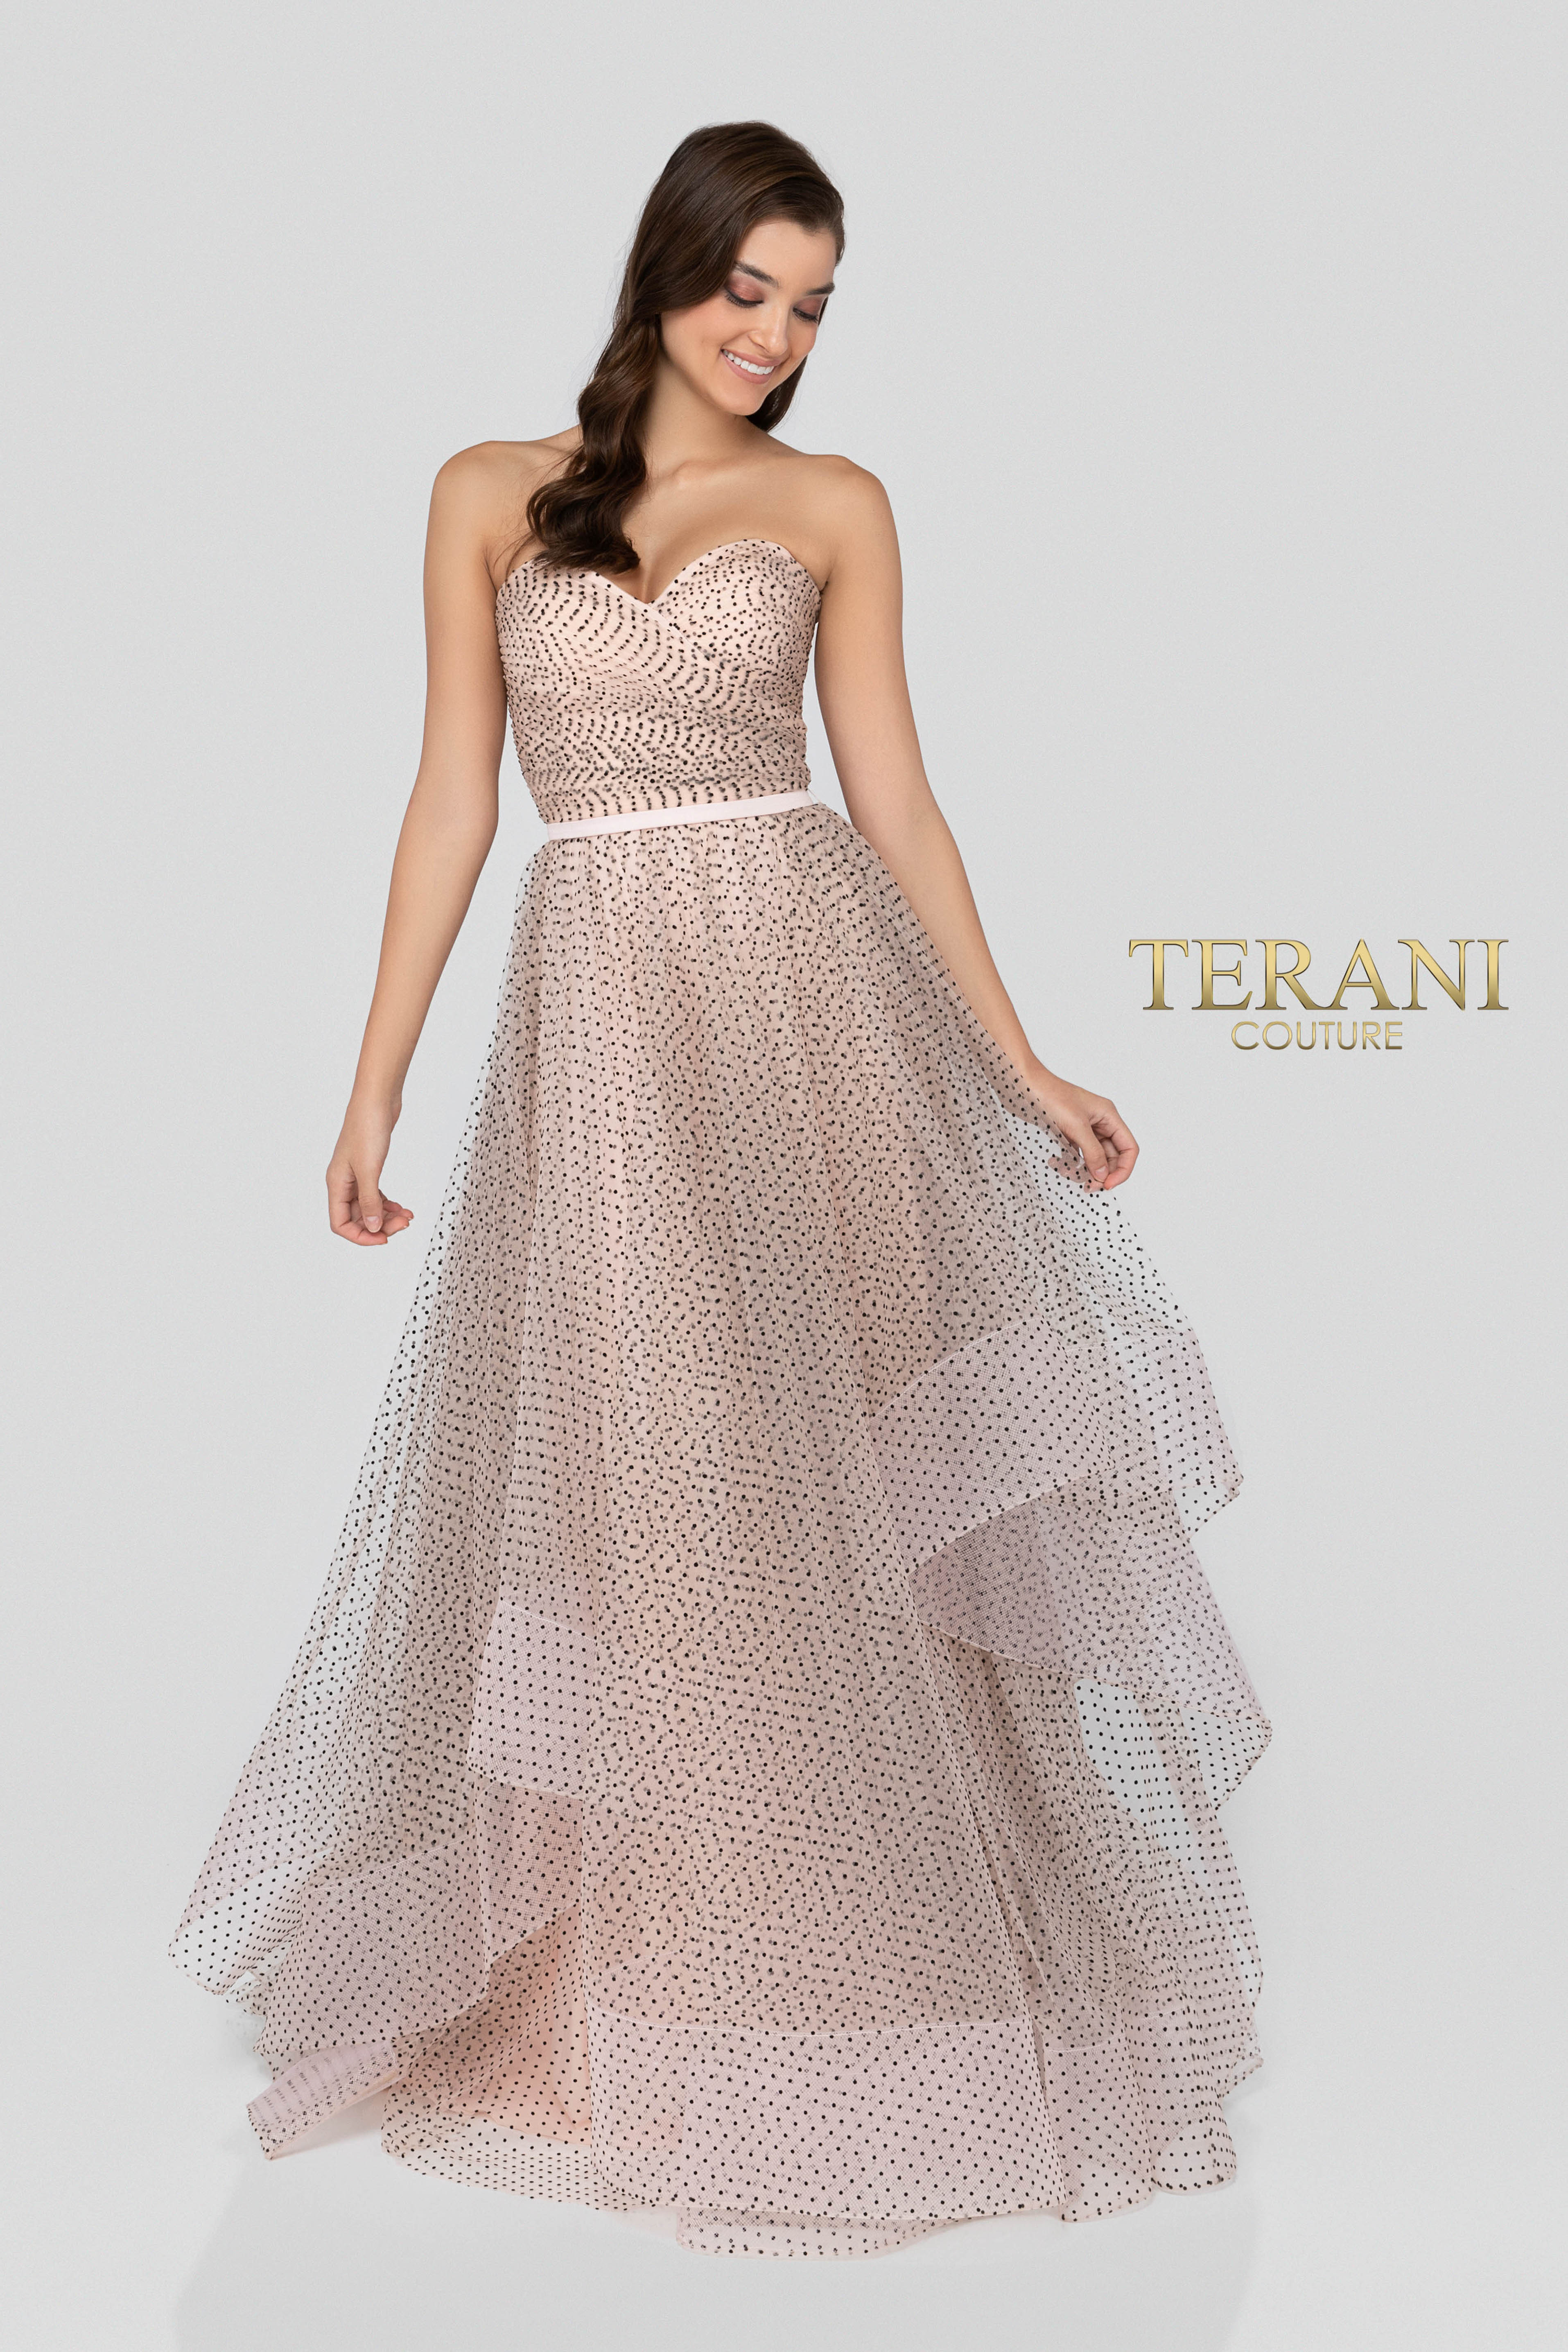 733576519c4 Find Terani Stores